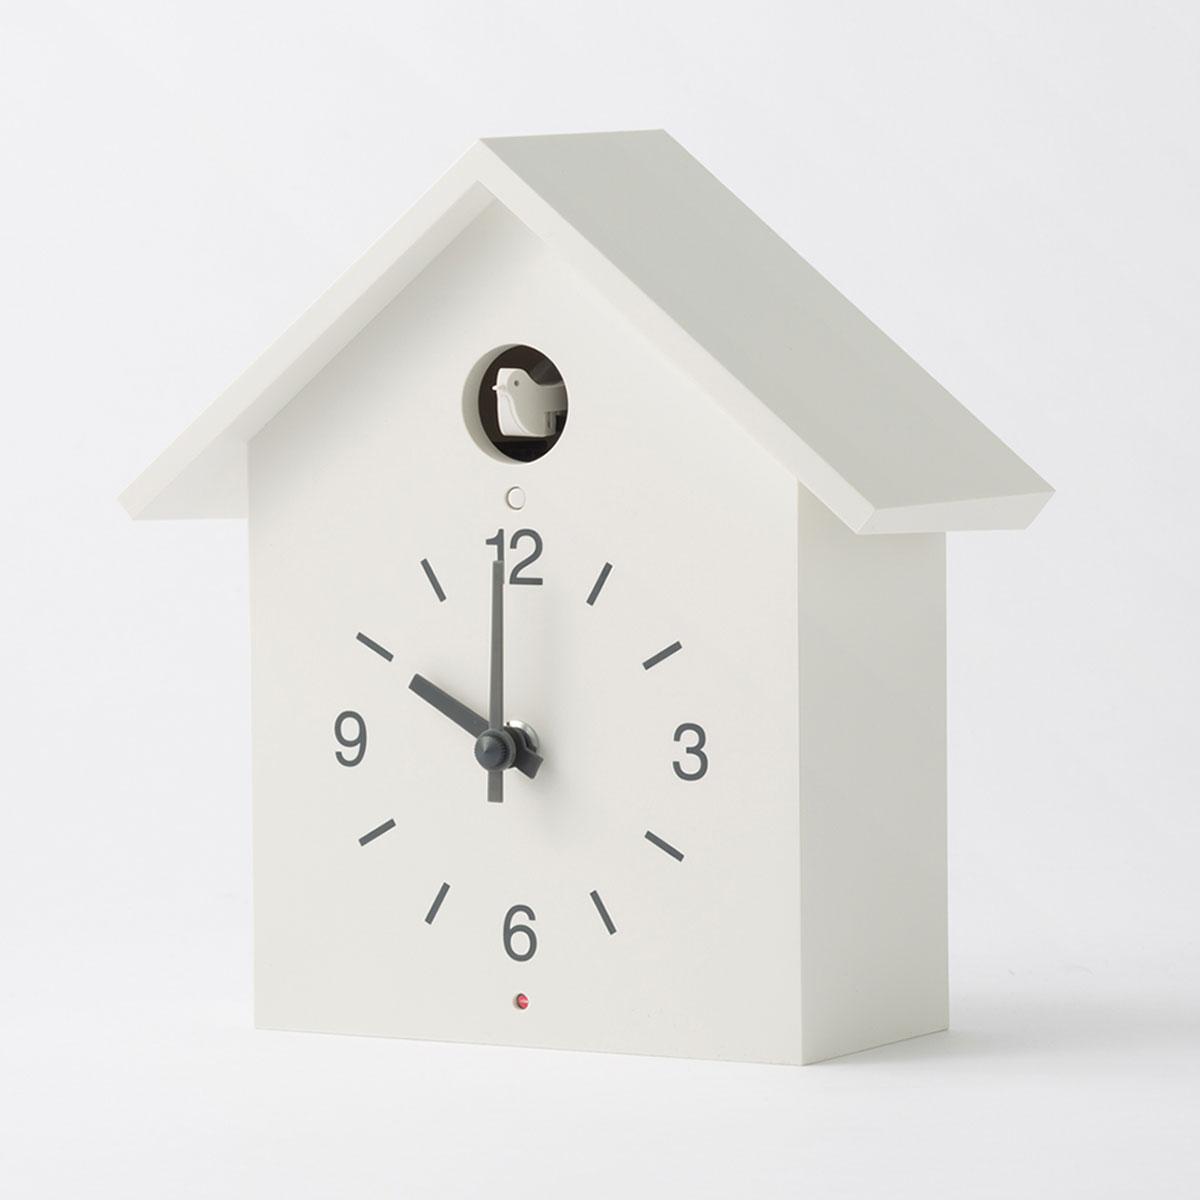 【無印良品 公式】 鳩時計・大